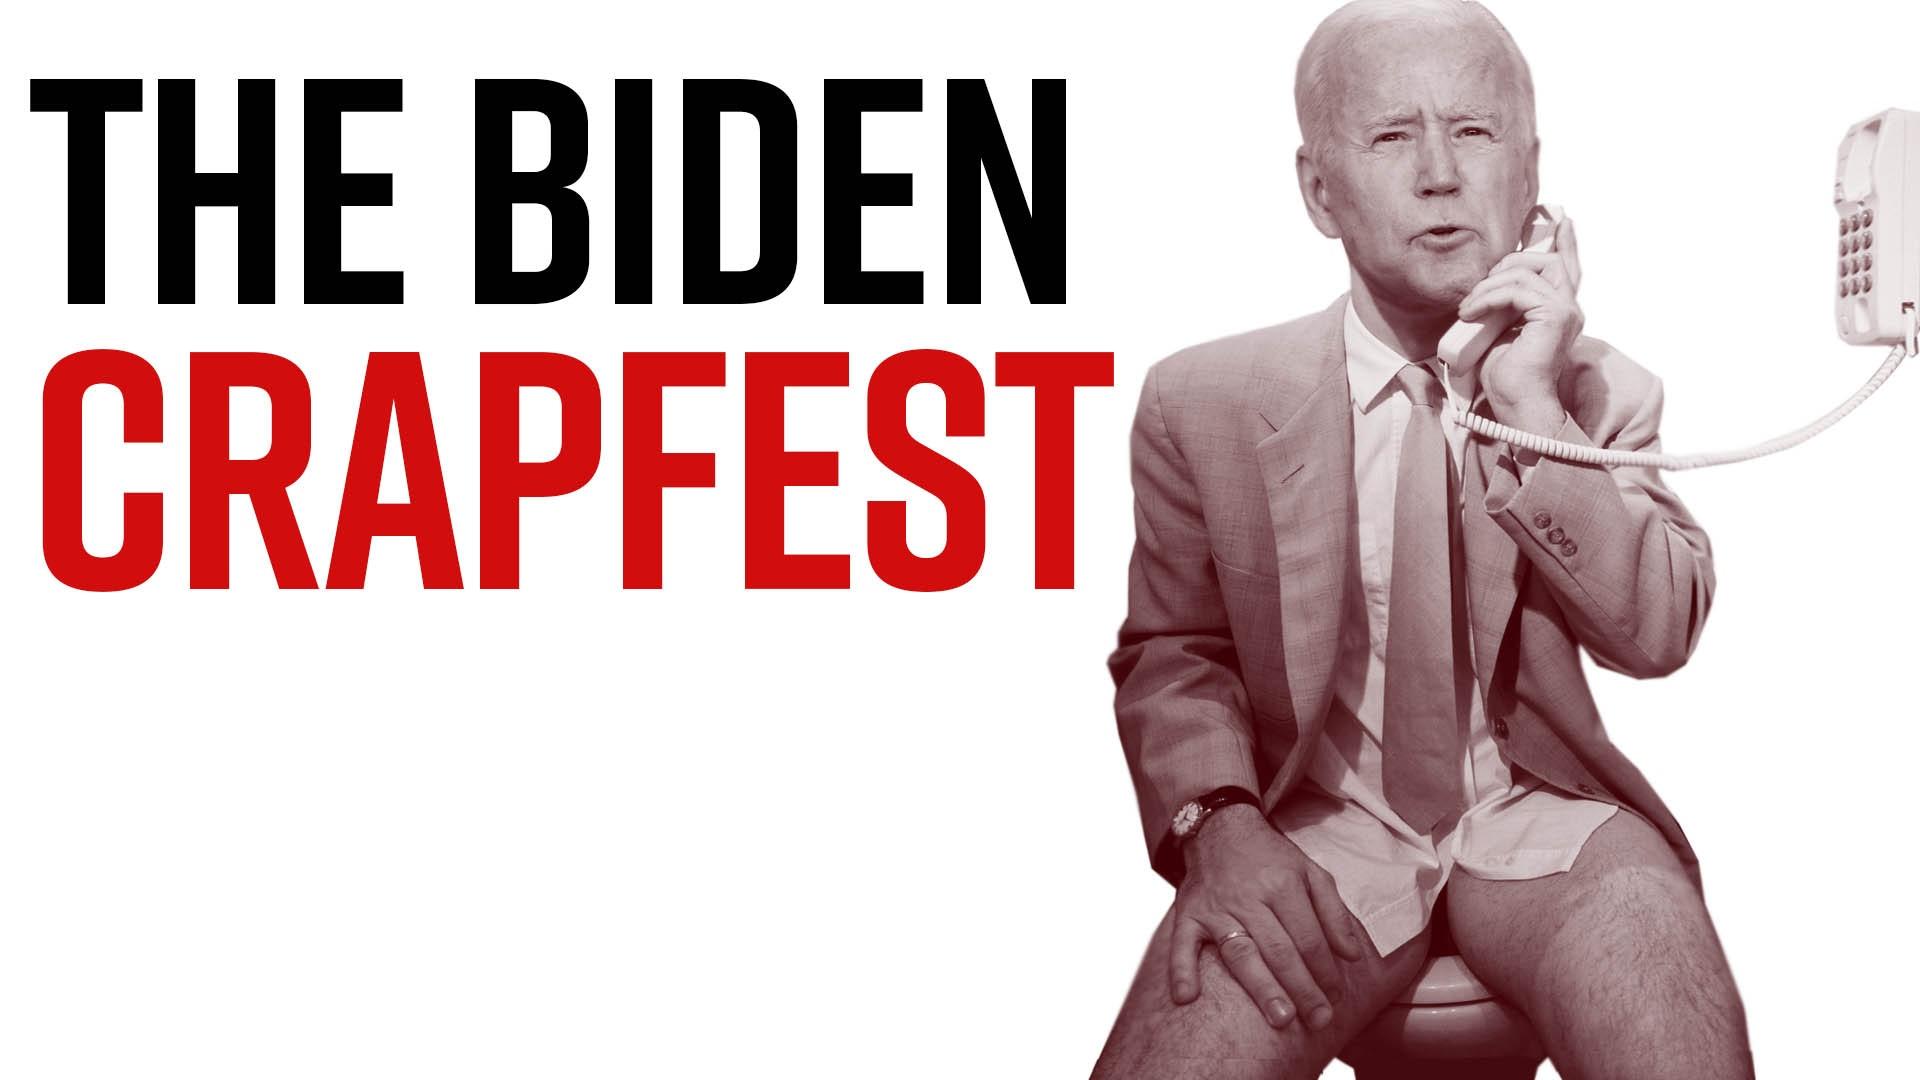 Ep. 1023 - The Biden Crapfest